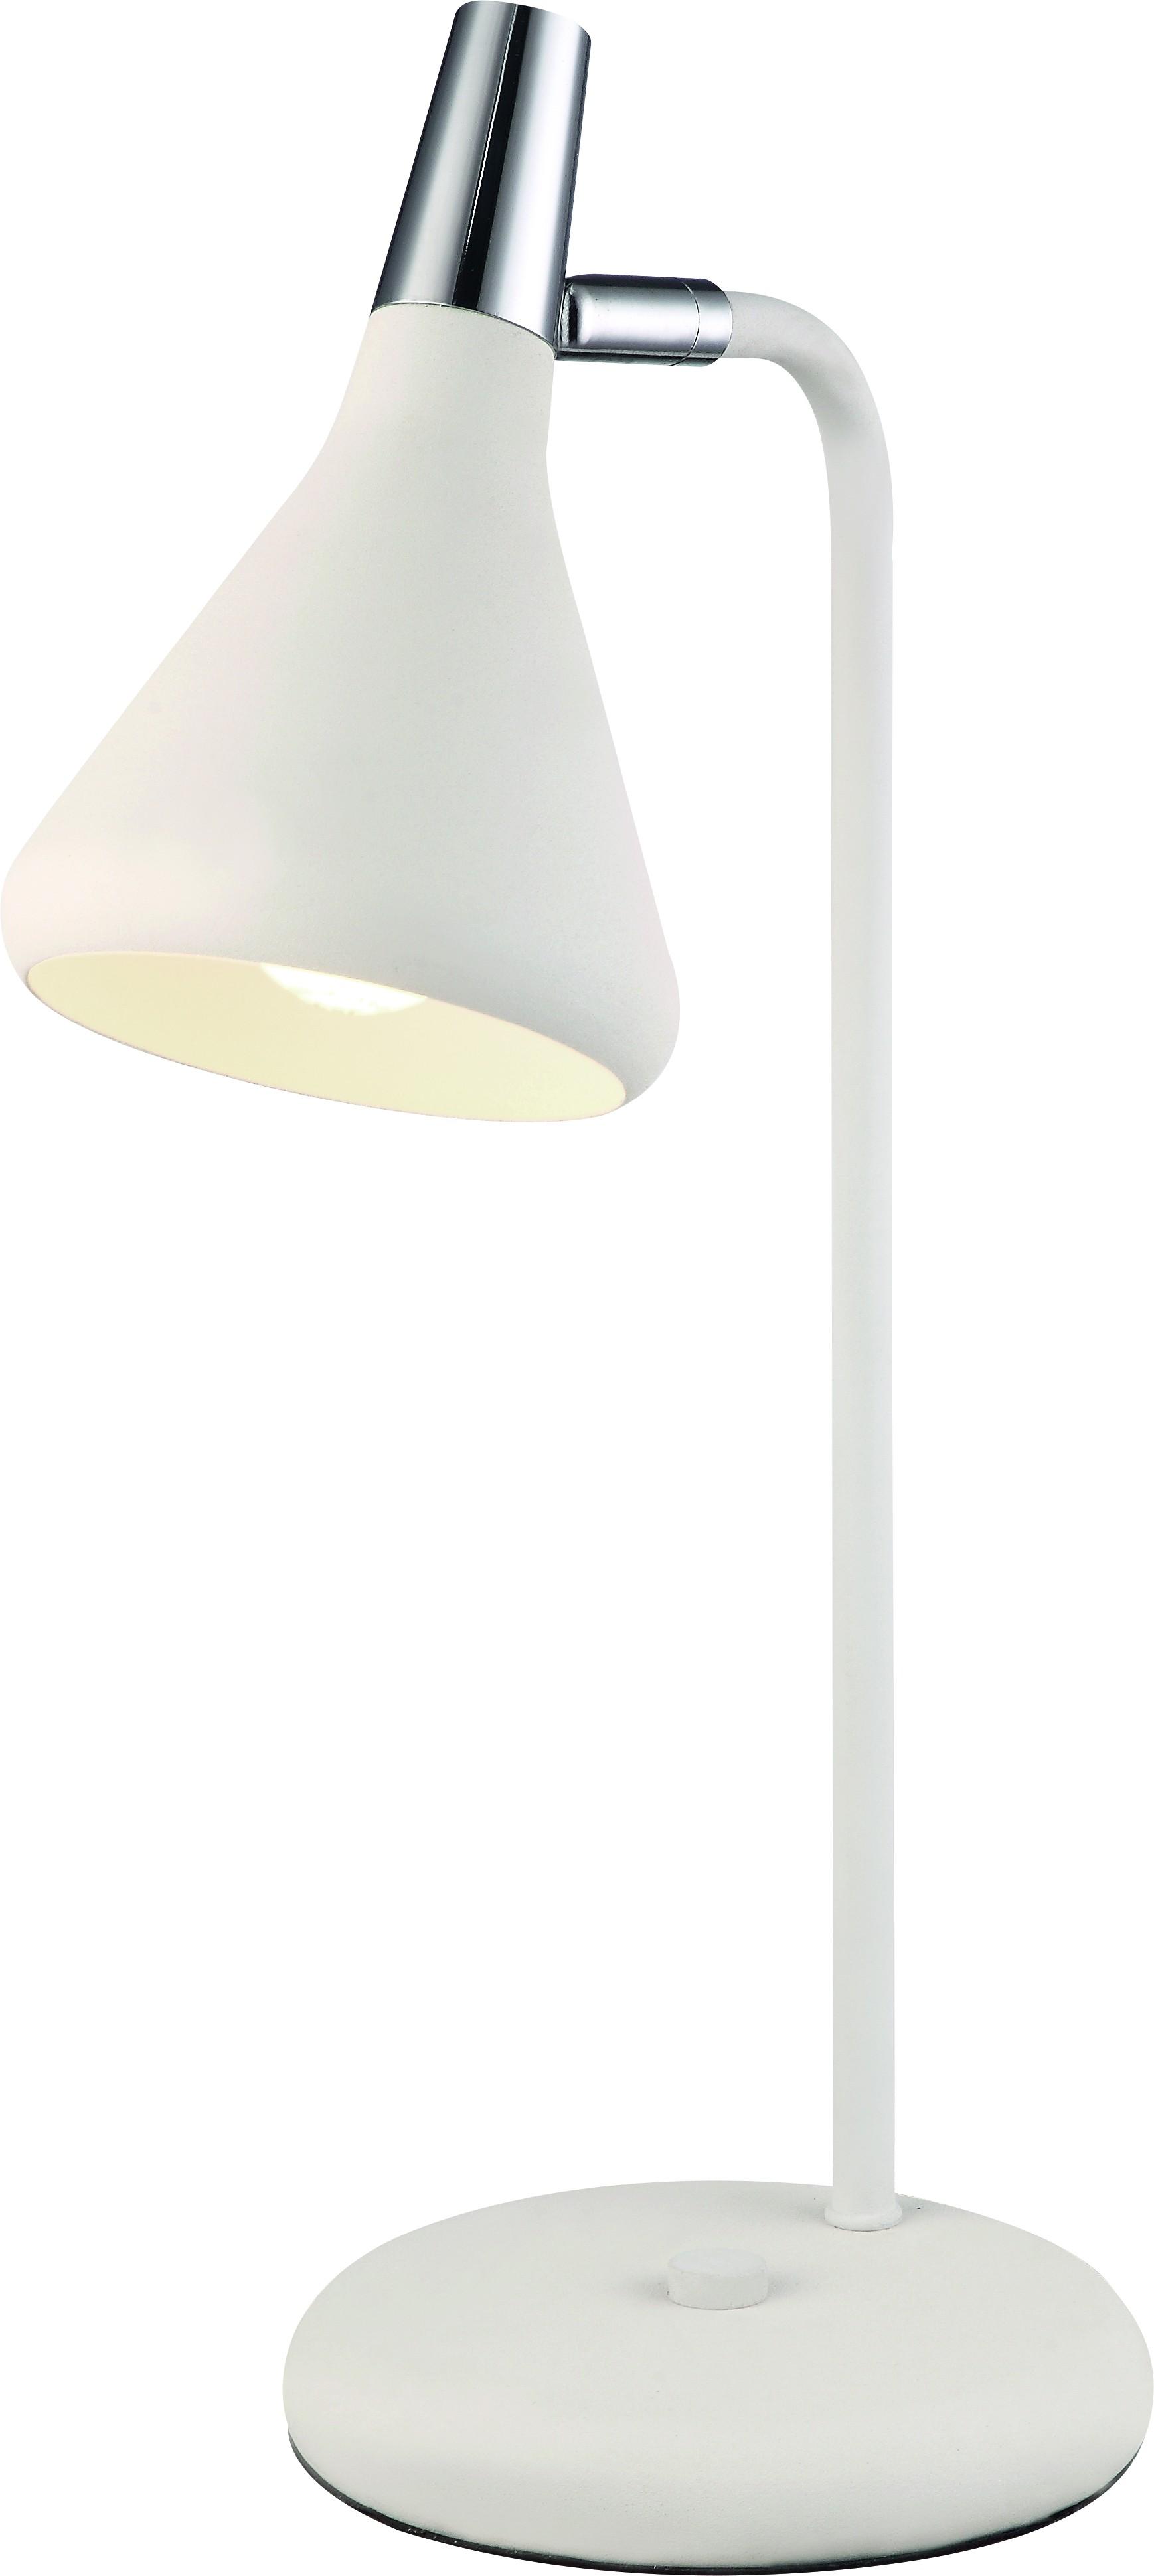 Лампа настольная Arte lamp A9154lt-1wh настольная лампа arte lamp 73 a9154lt 1wh